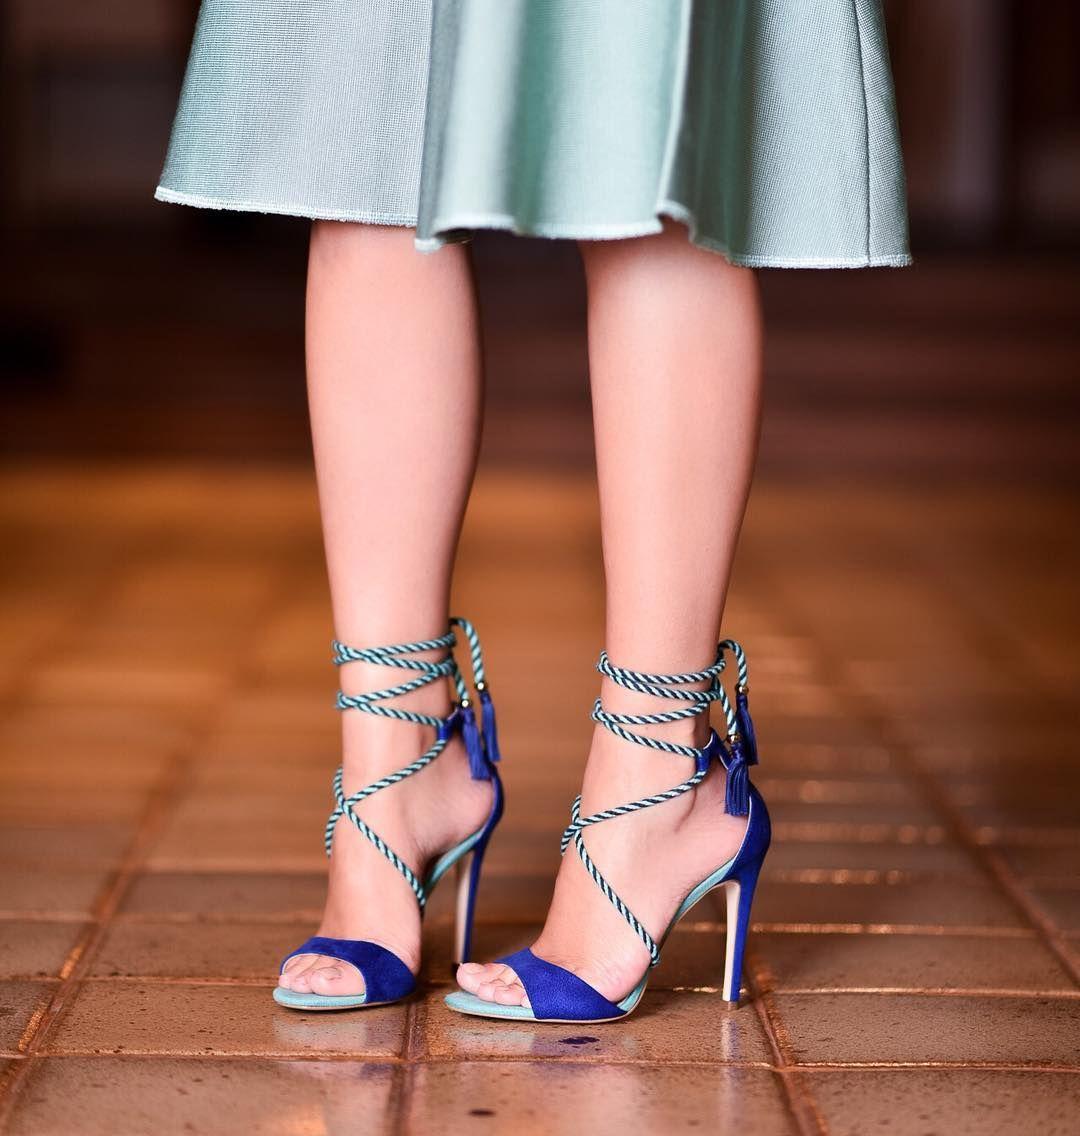 De volta a programação normal MAS ainda nos tons de azul né!? | MUITO amor por essa sandália do verão da @cecconello_ a combinação de cores e DEUSA né!? #details #sotd thassiastyle #cecconelo by thassianaves